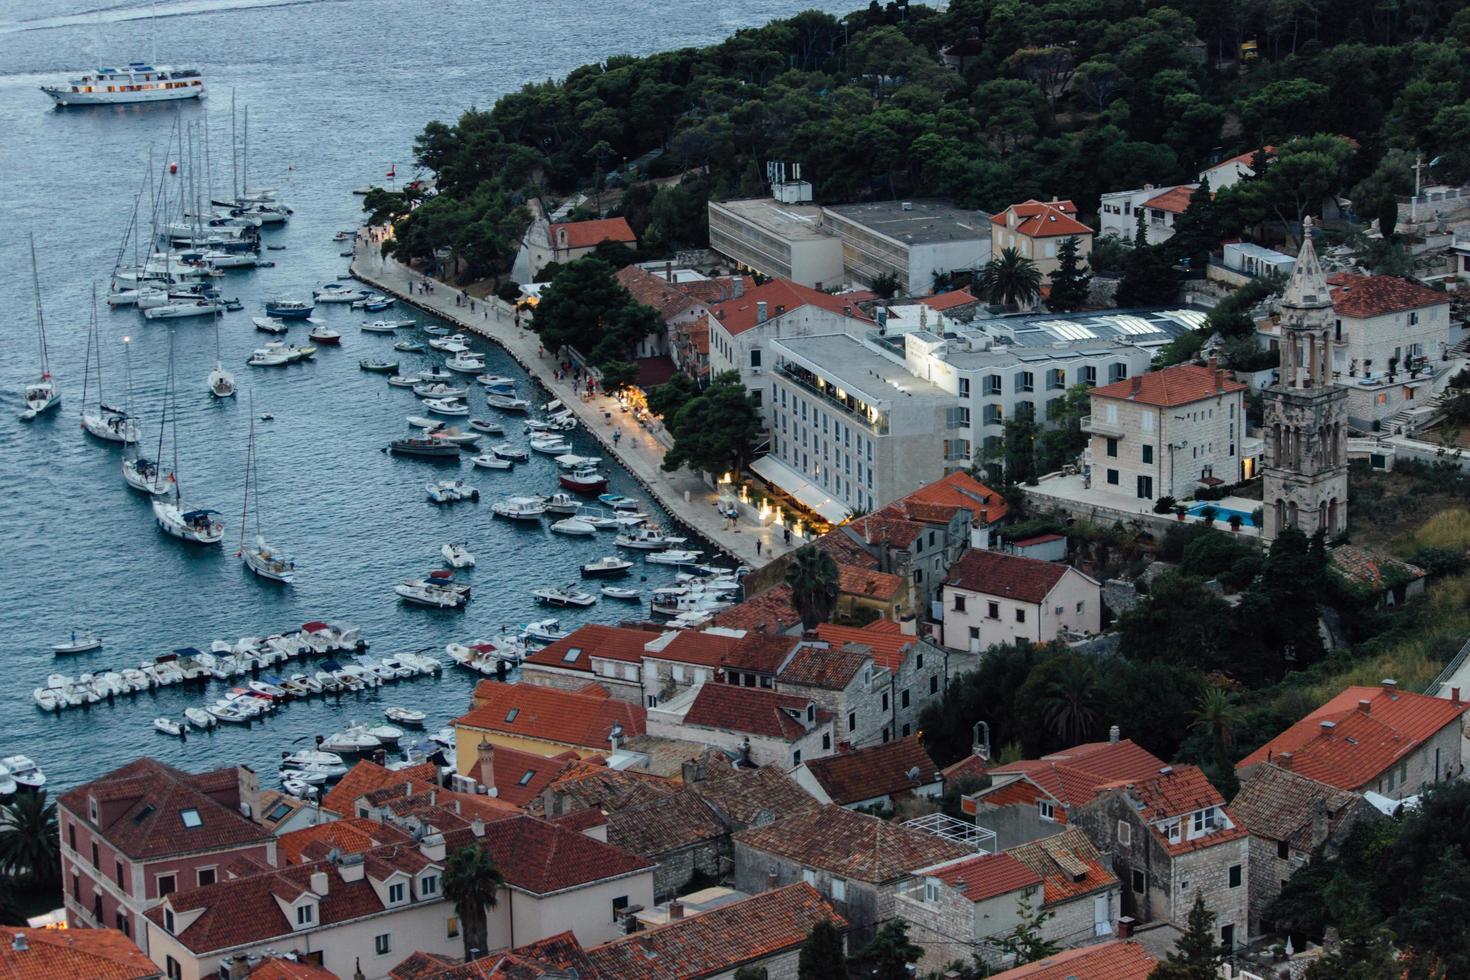 bateaux et yachts au bord de l'eau photo